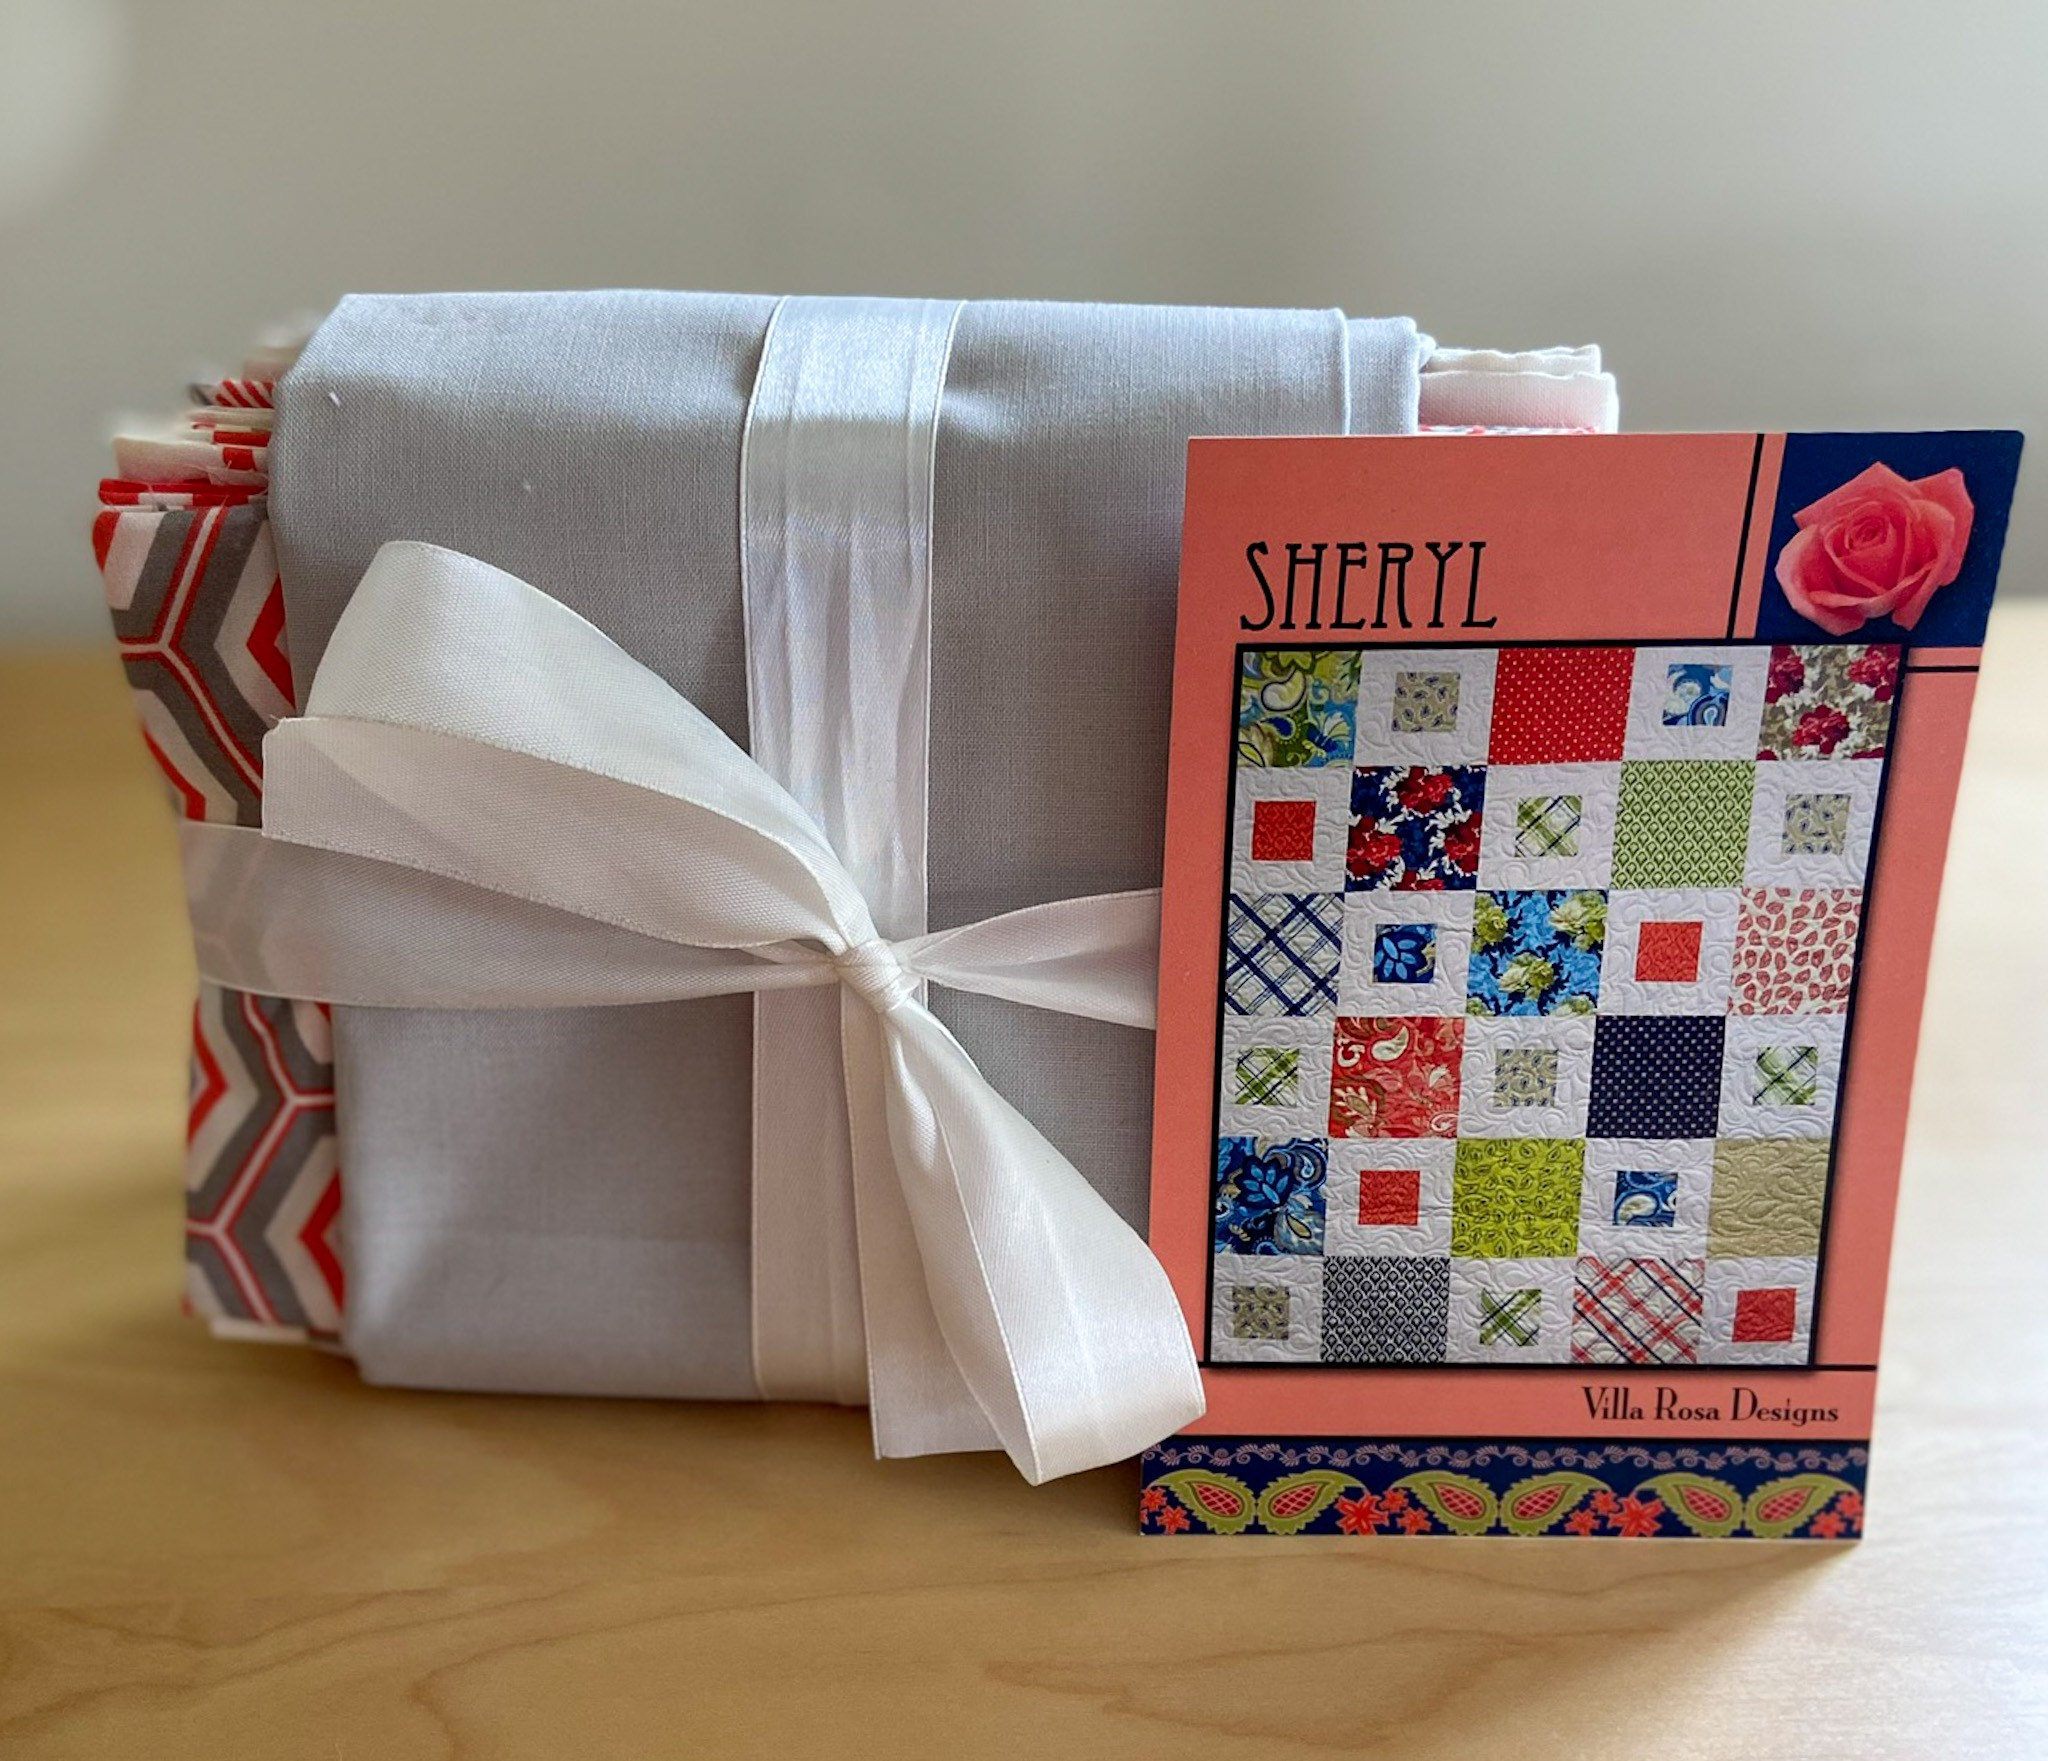 Crib Quilt Kit using Villa Rosa Designs Sheryl Pattern